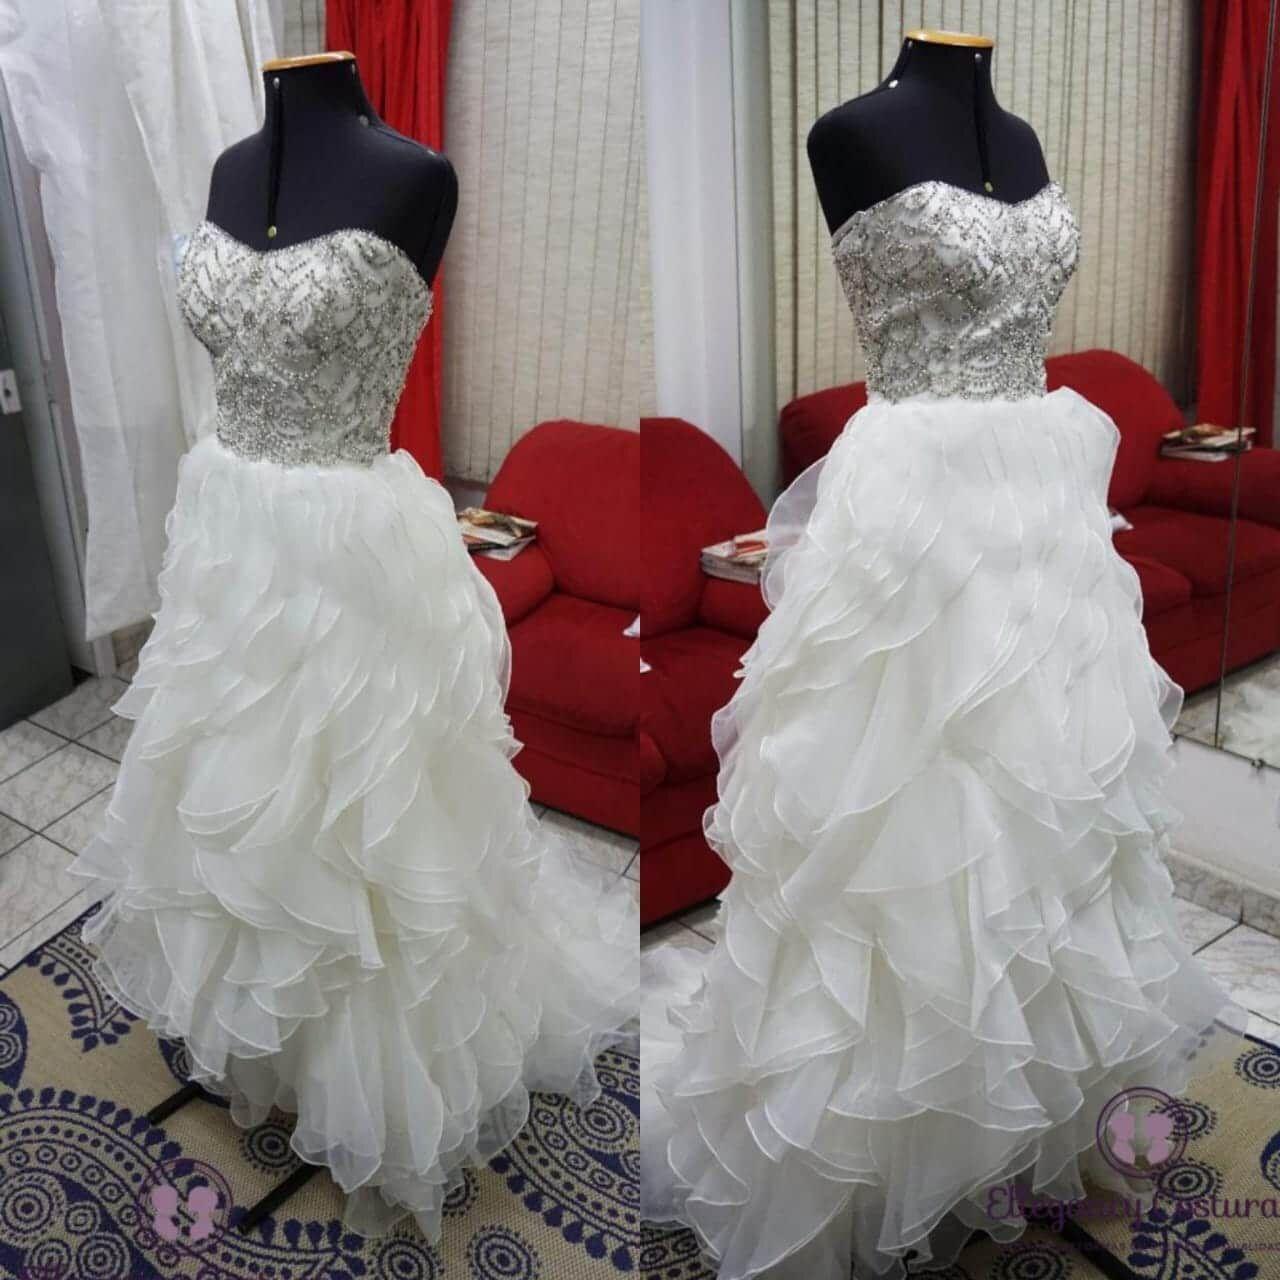 ajustes-de-vestido-de-noiva-em-sp-9252525